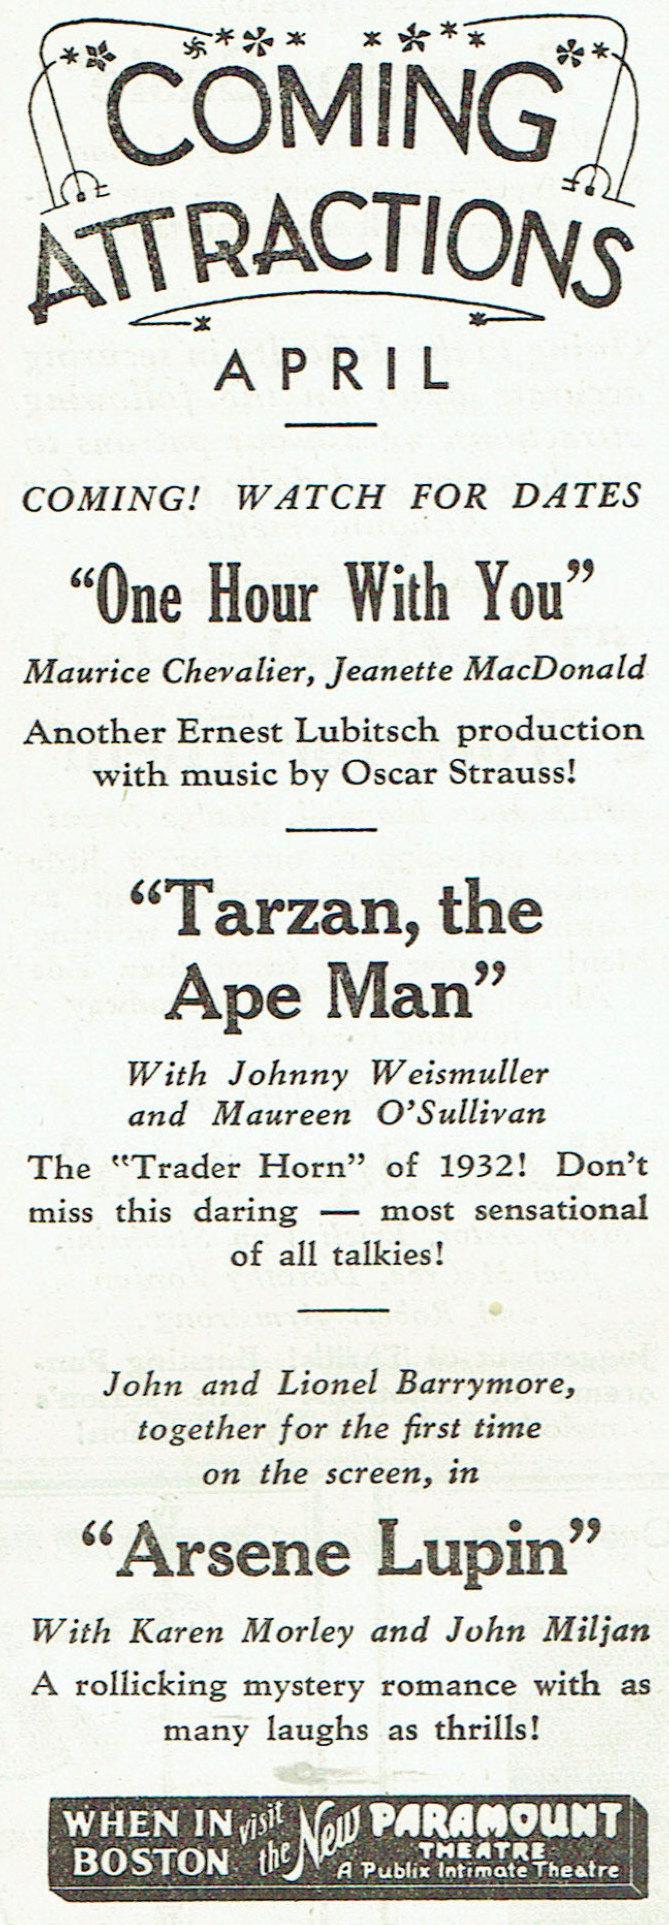 carole lombard publix theatre screen review april 1932lb